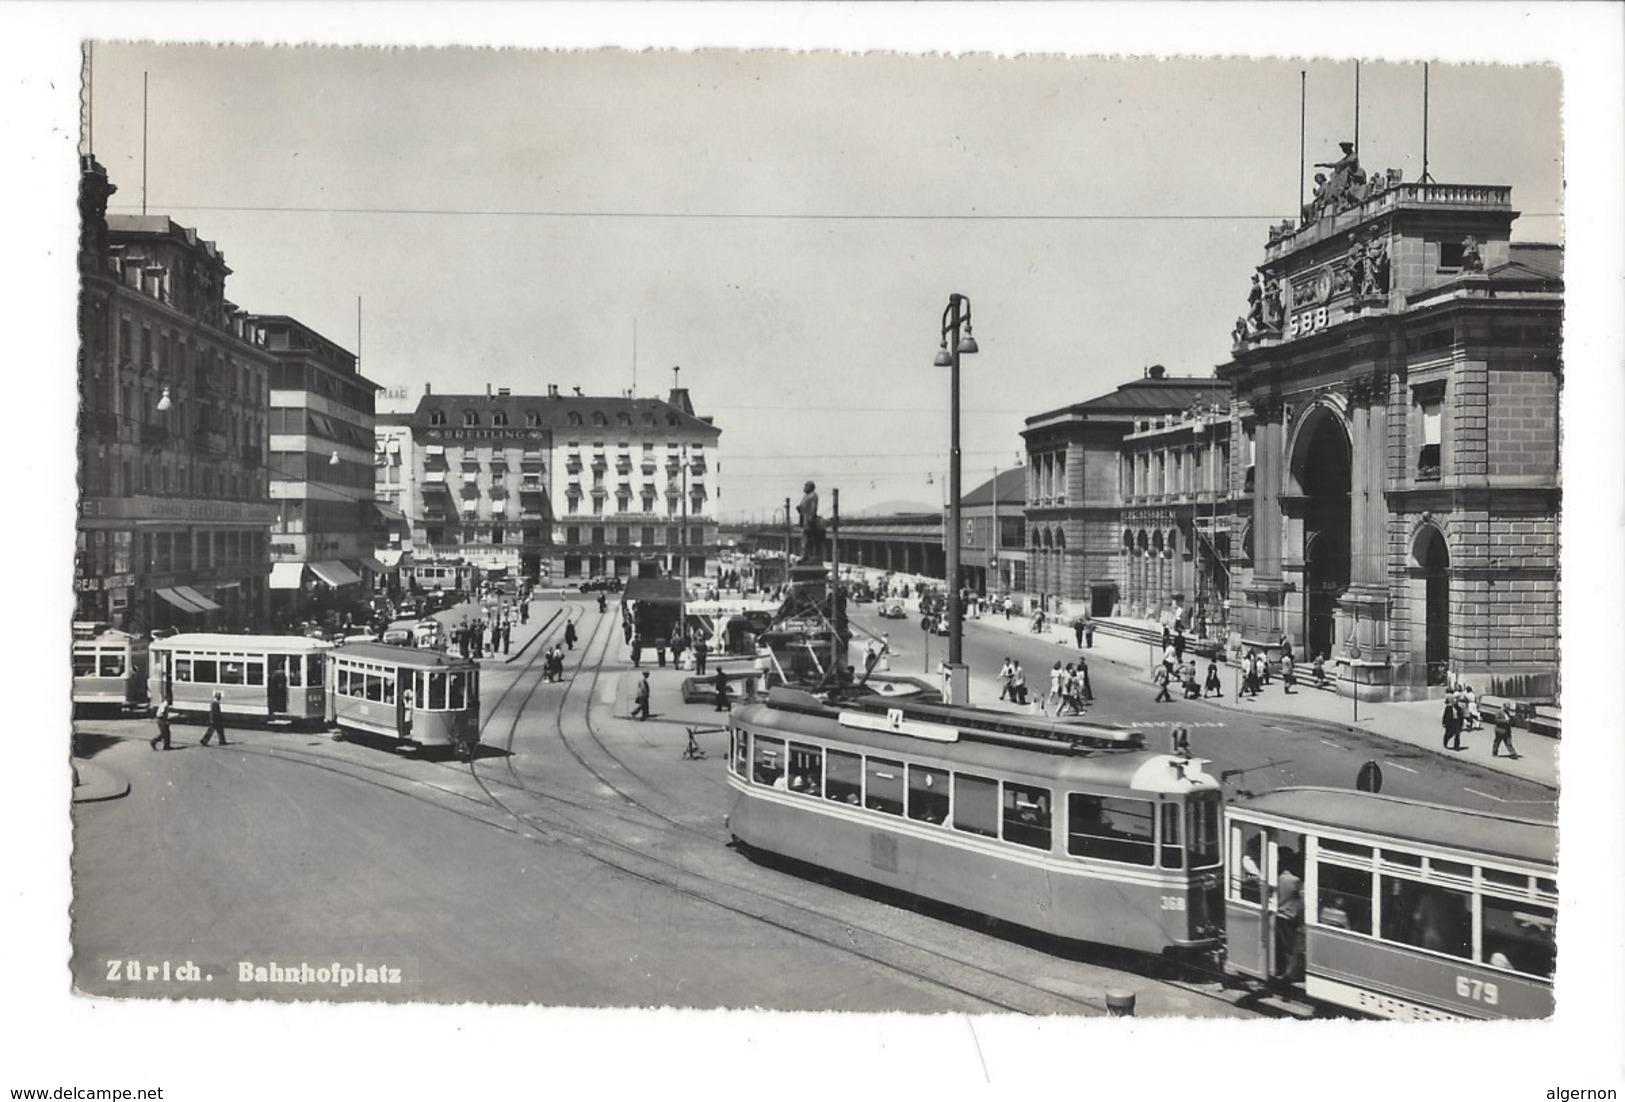 15623 - Zürich Bahnhofplatz Tram - ZH Zurich